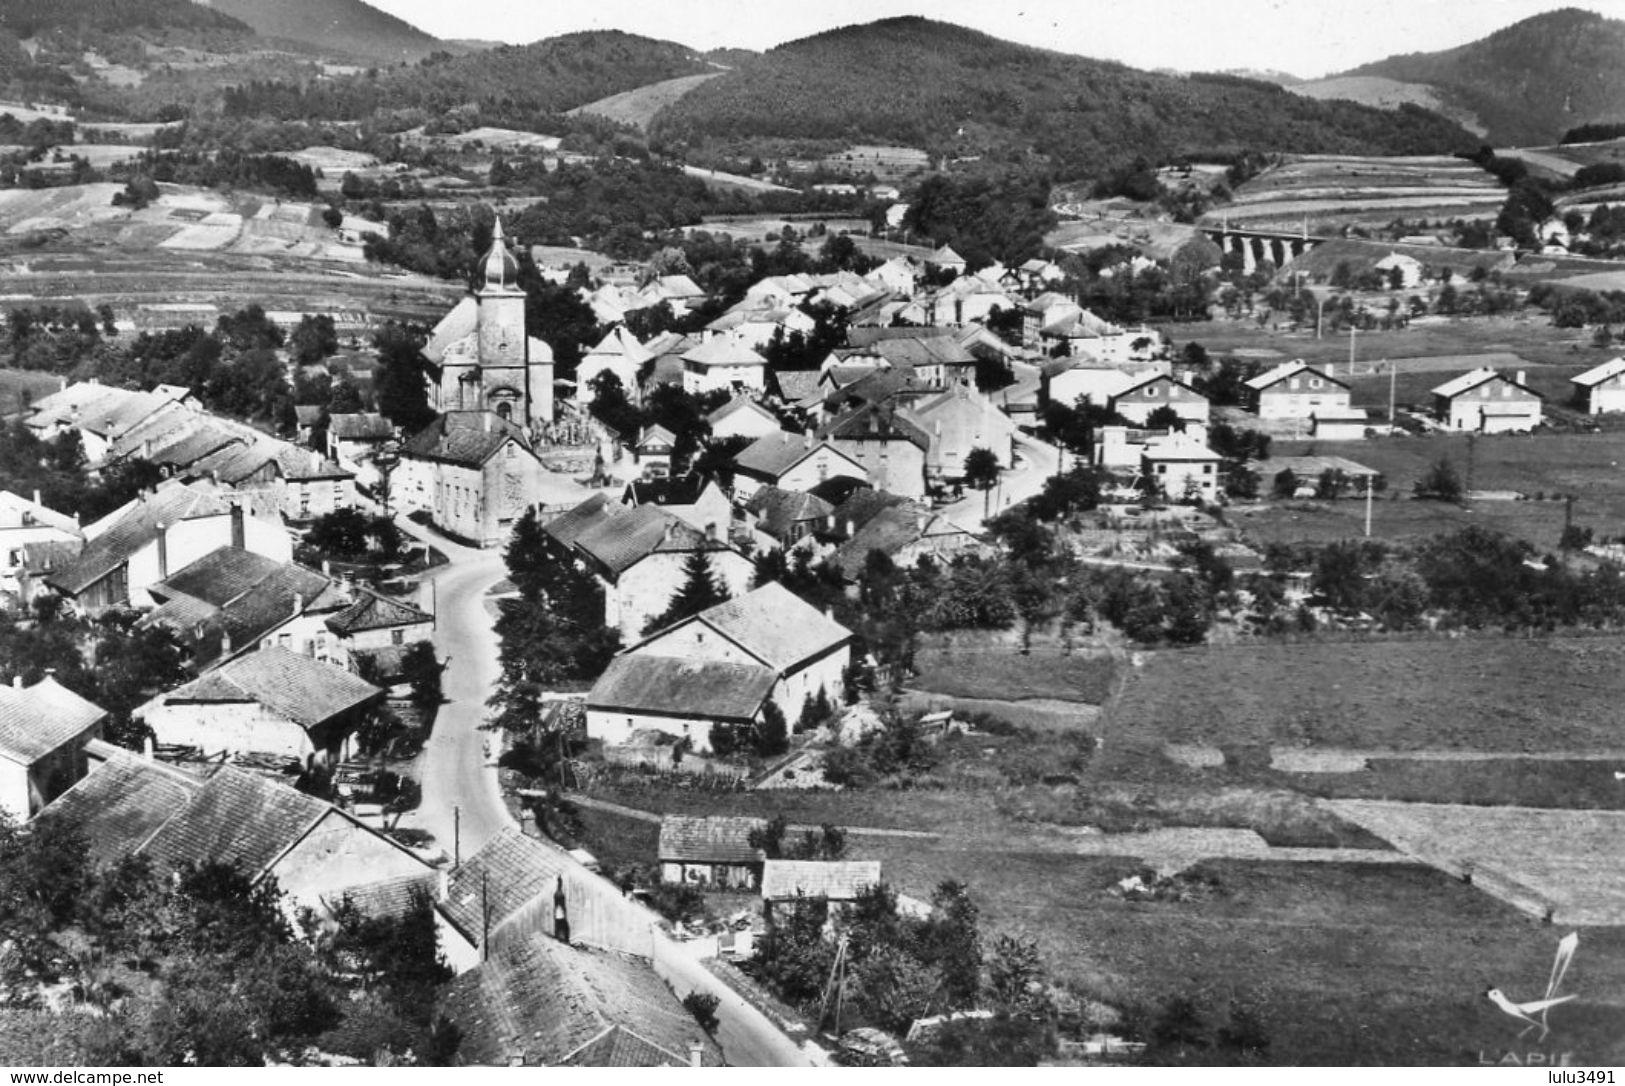 CPSM Dentelée - COLROY-la-GRANDE (88) - Vue Aérienne Du Bourg Dans Les Années 50 - Colroy La Grande